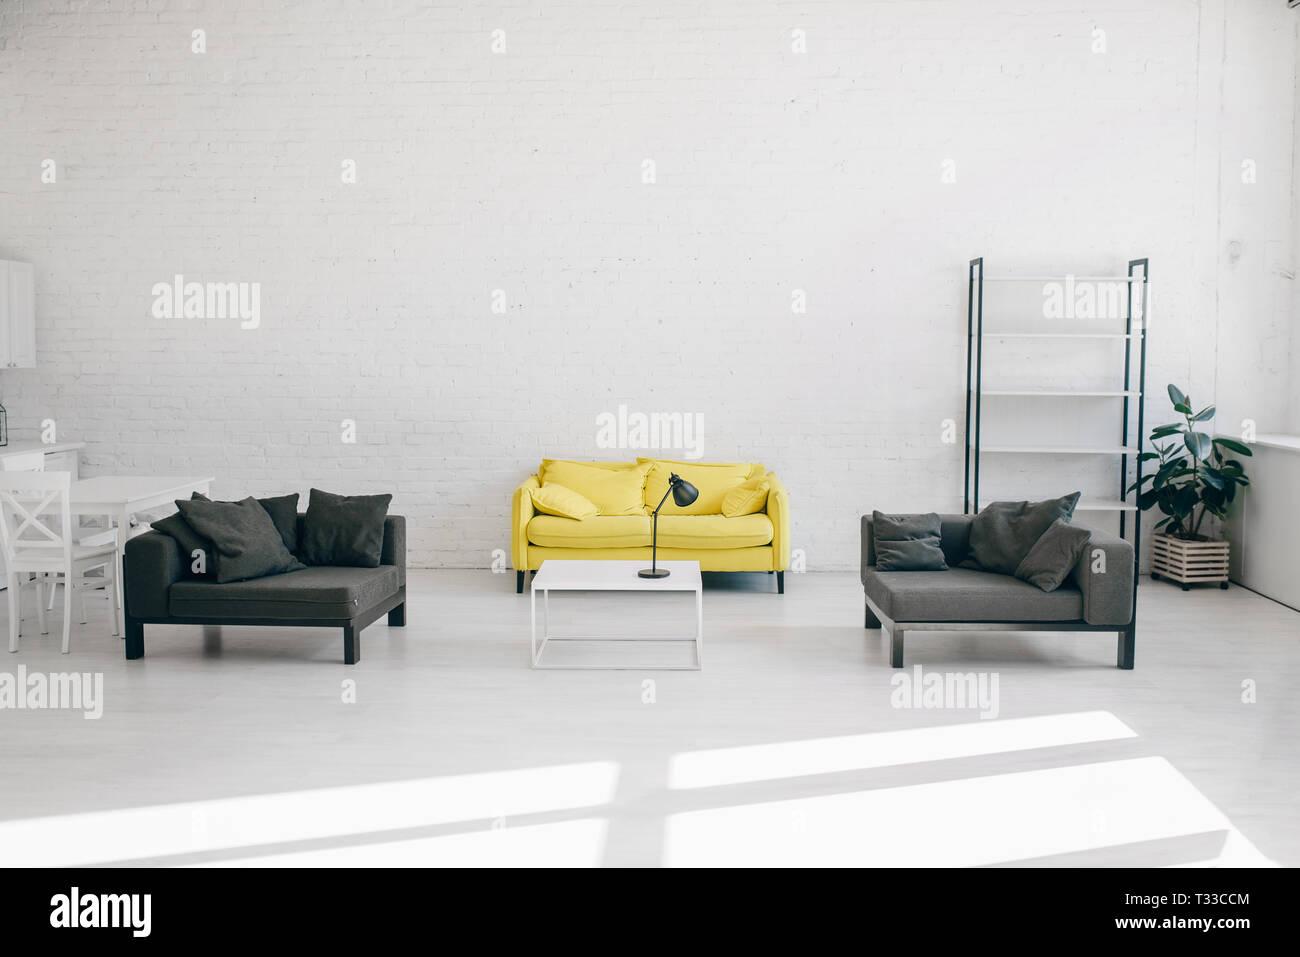 Salon Noir Blanc Jaune salon moderne intérieur en blanc, noir et jaune, personne